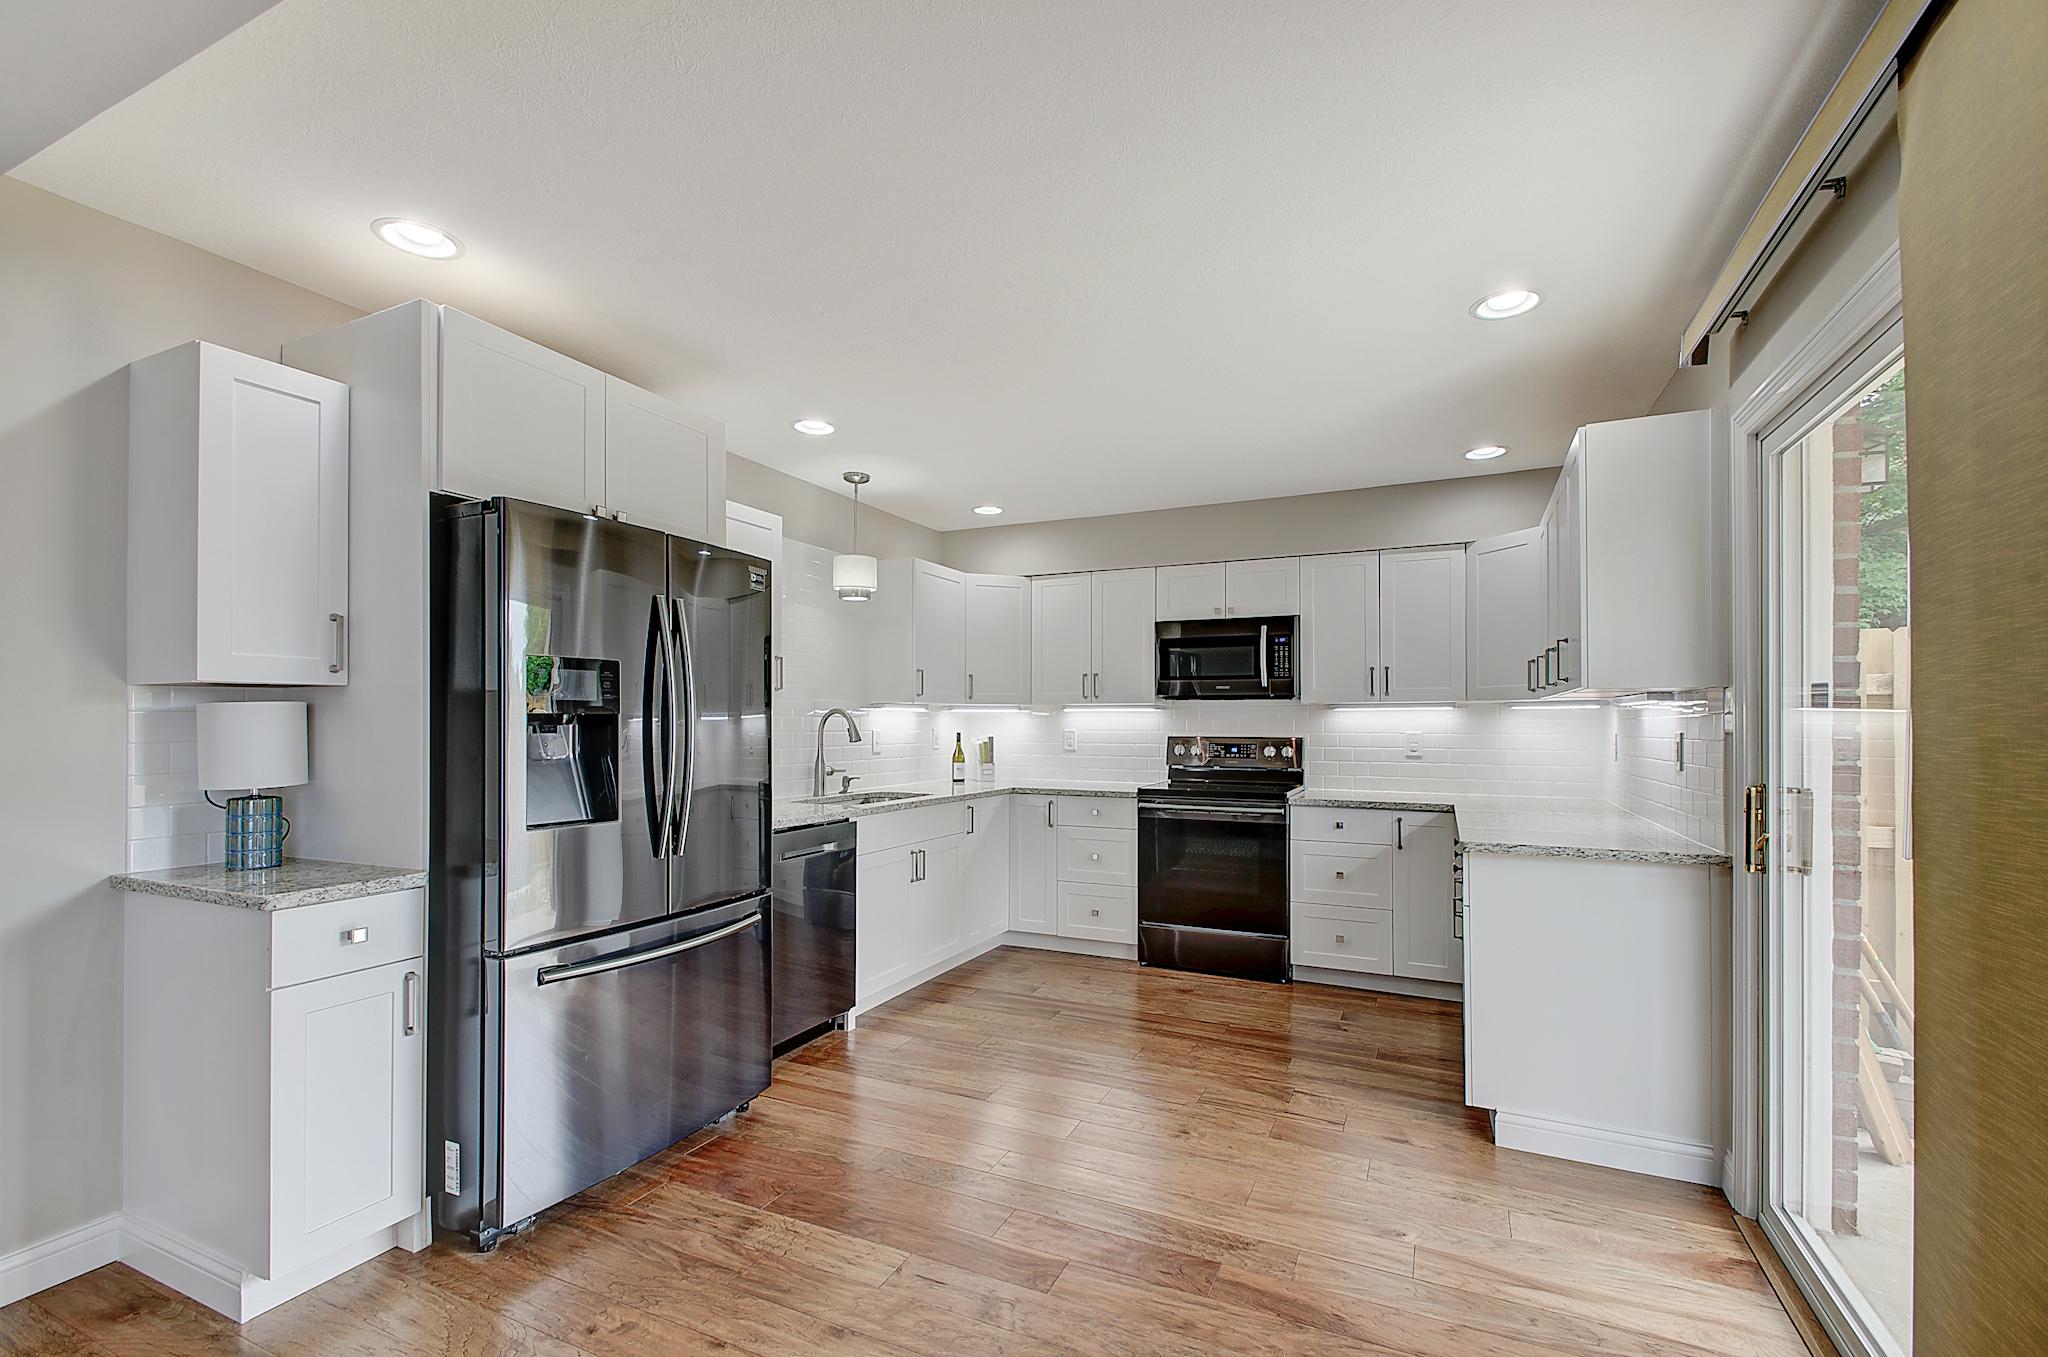 11-Kitchen View 3.jpg